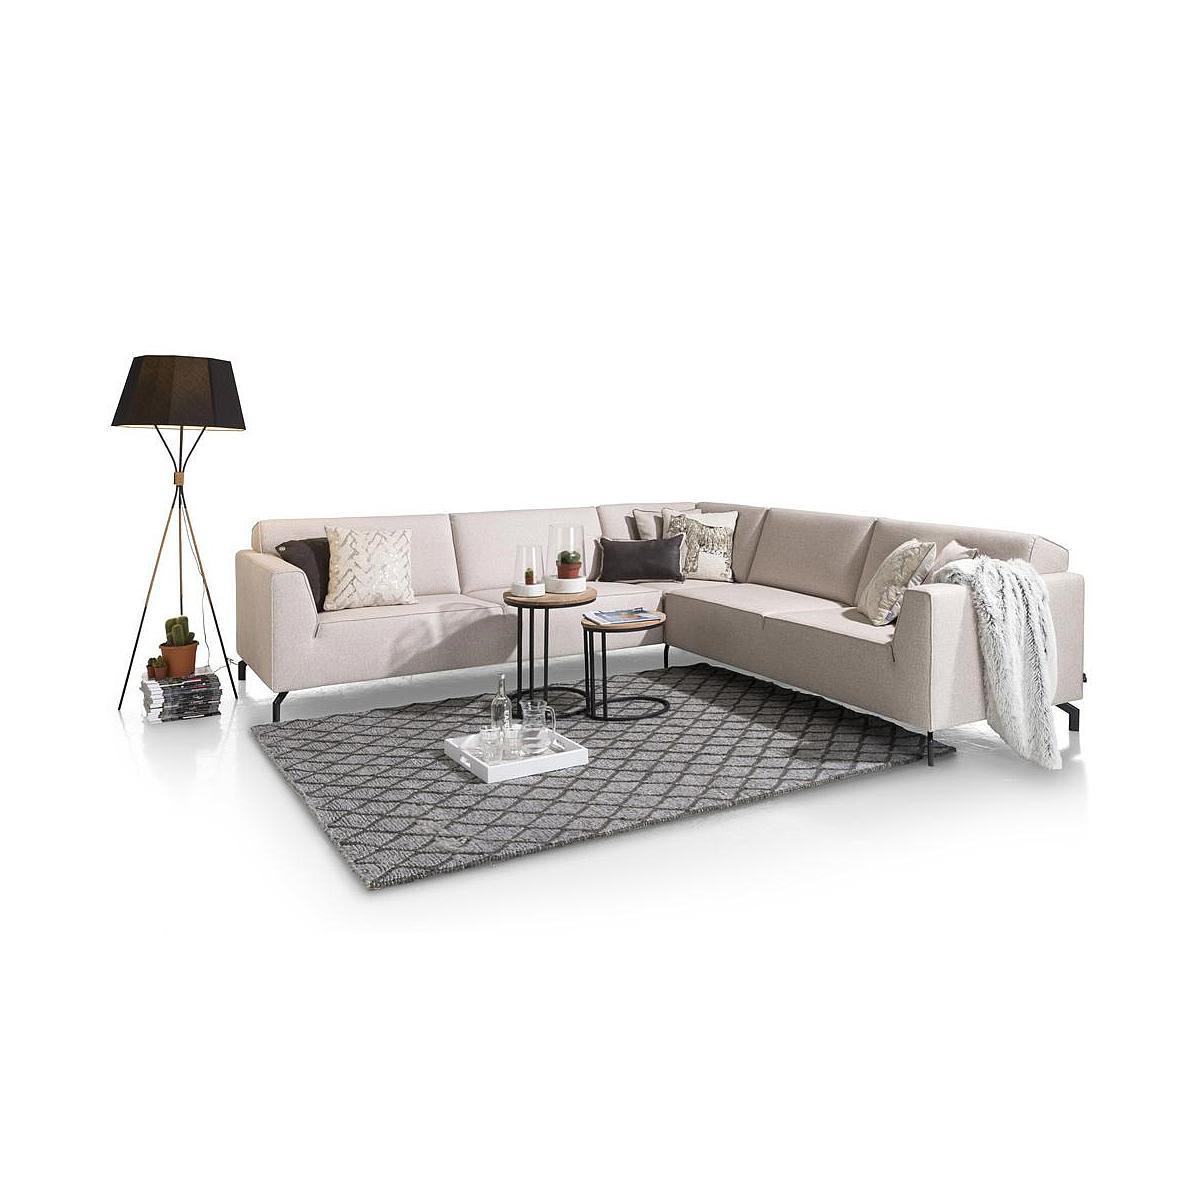 Canapé d'angle NOVARA HetH 3 et 2,5 places tissu Fantasy beige